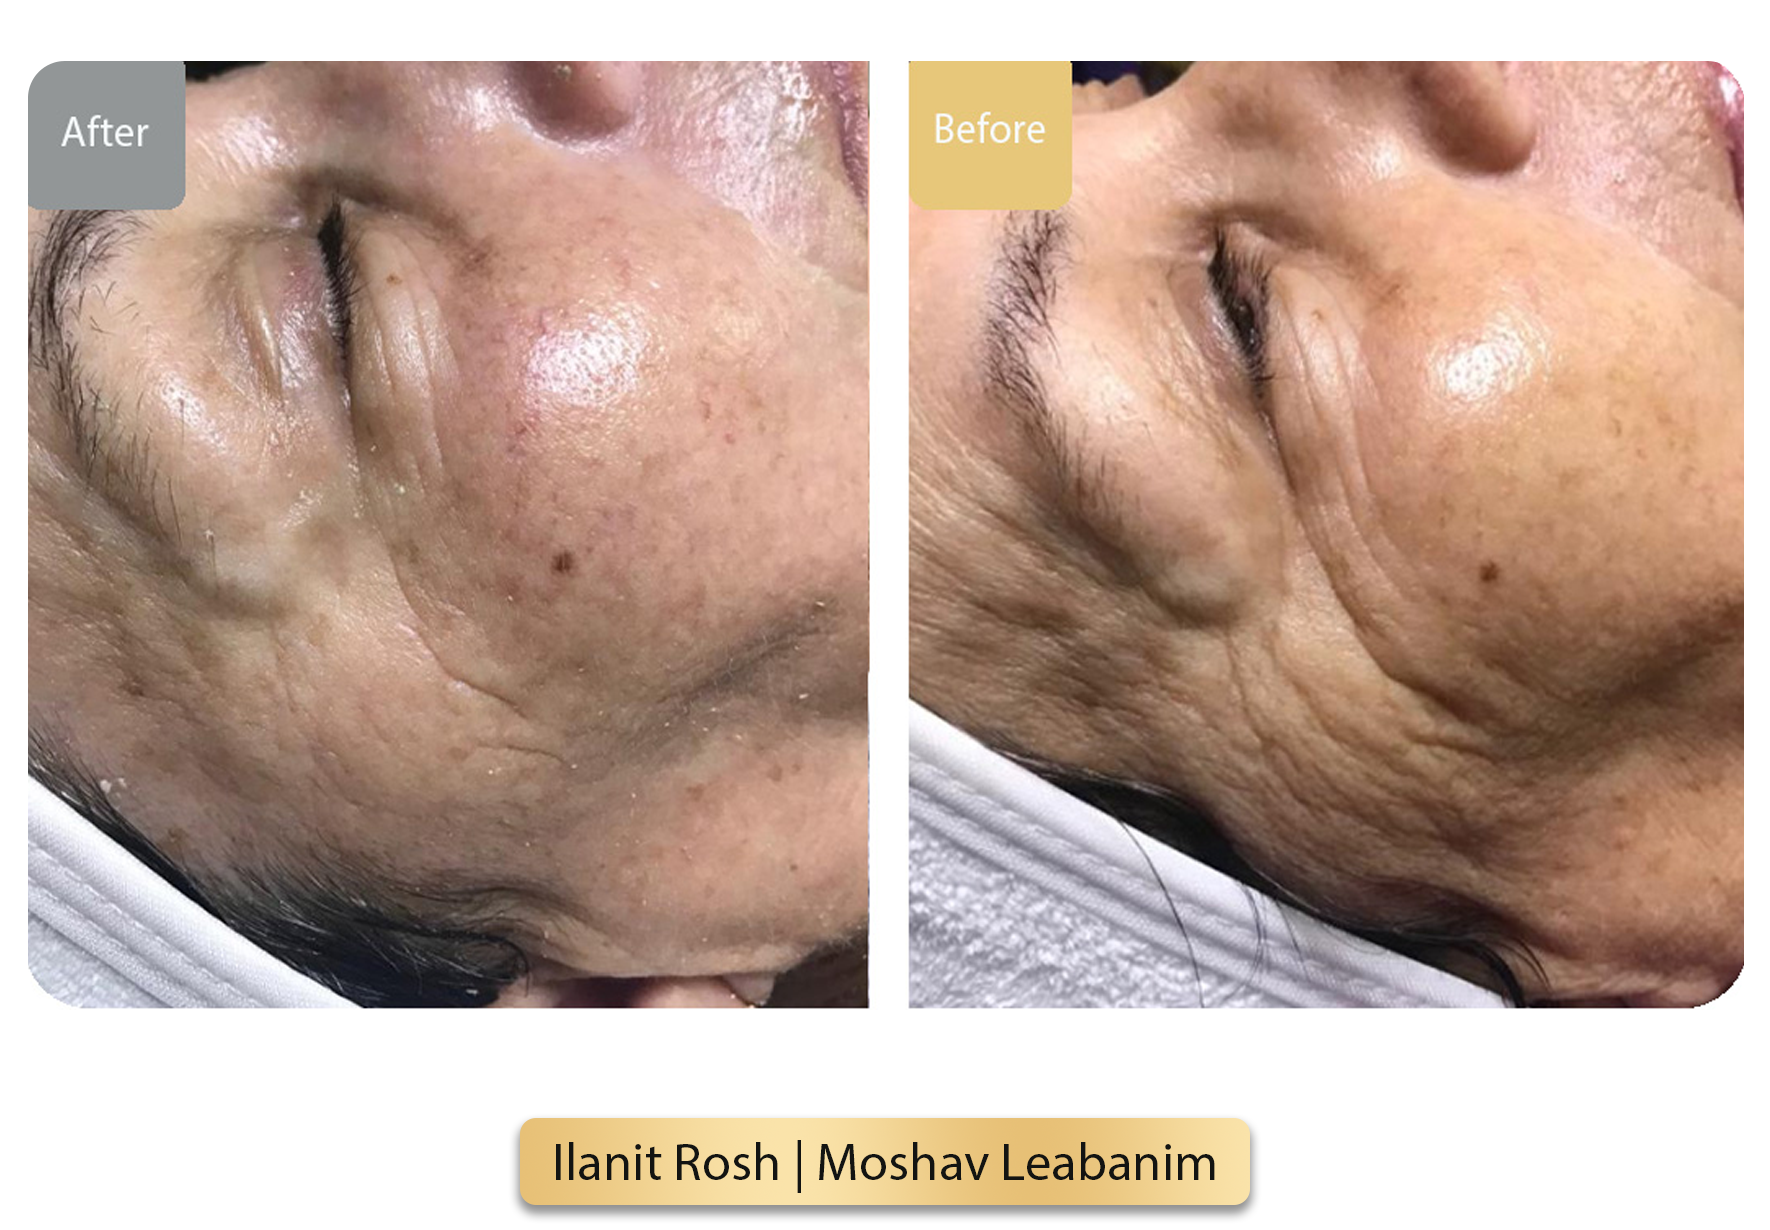 Ilanit Rosh  Moshav Leabanim